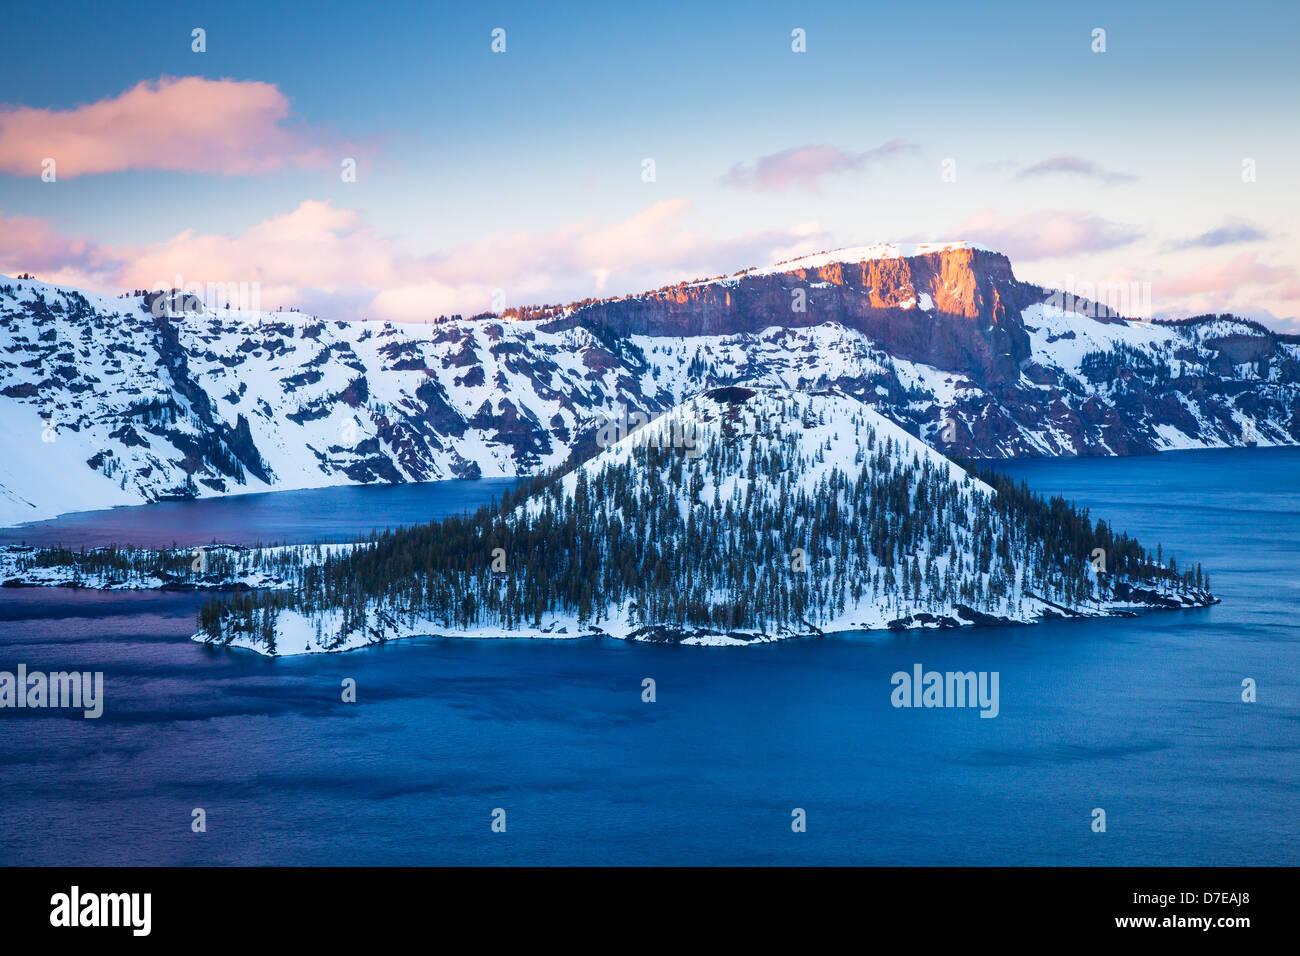 Crater Lake National Park, situé dans le sud de l'Oregon, au cours de l'hiver Photo Stock